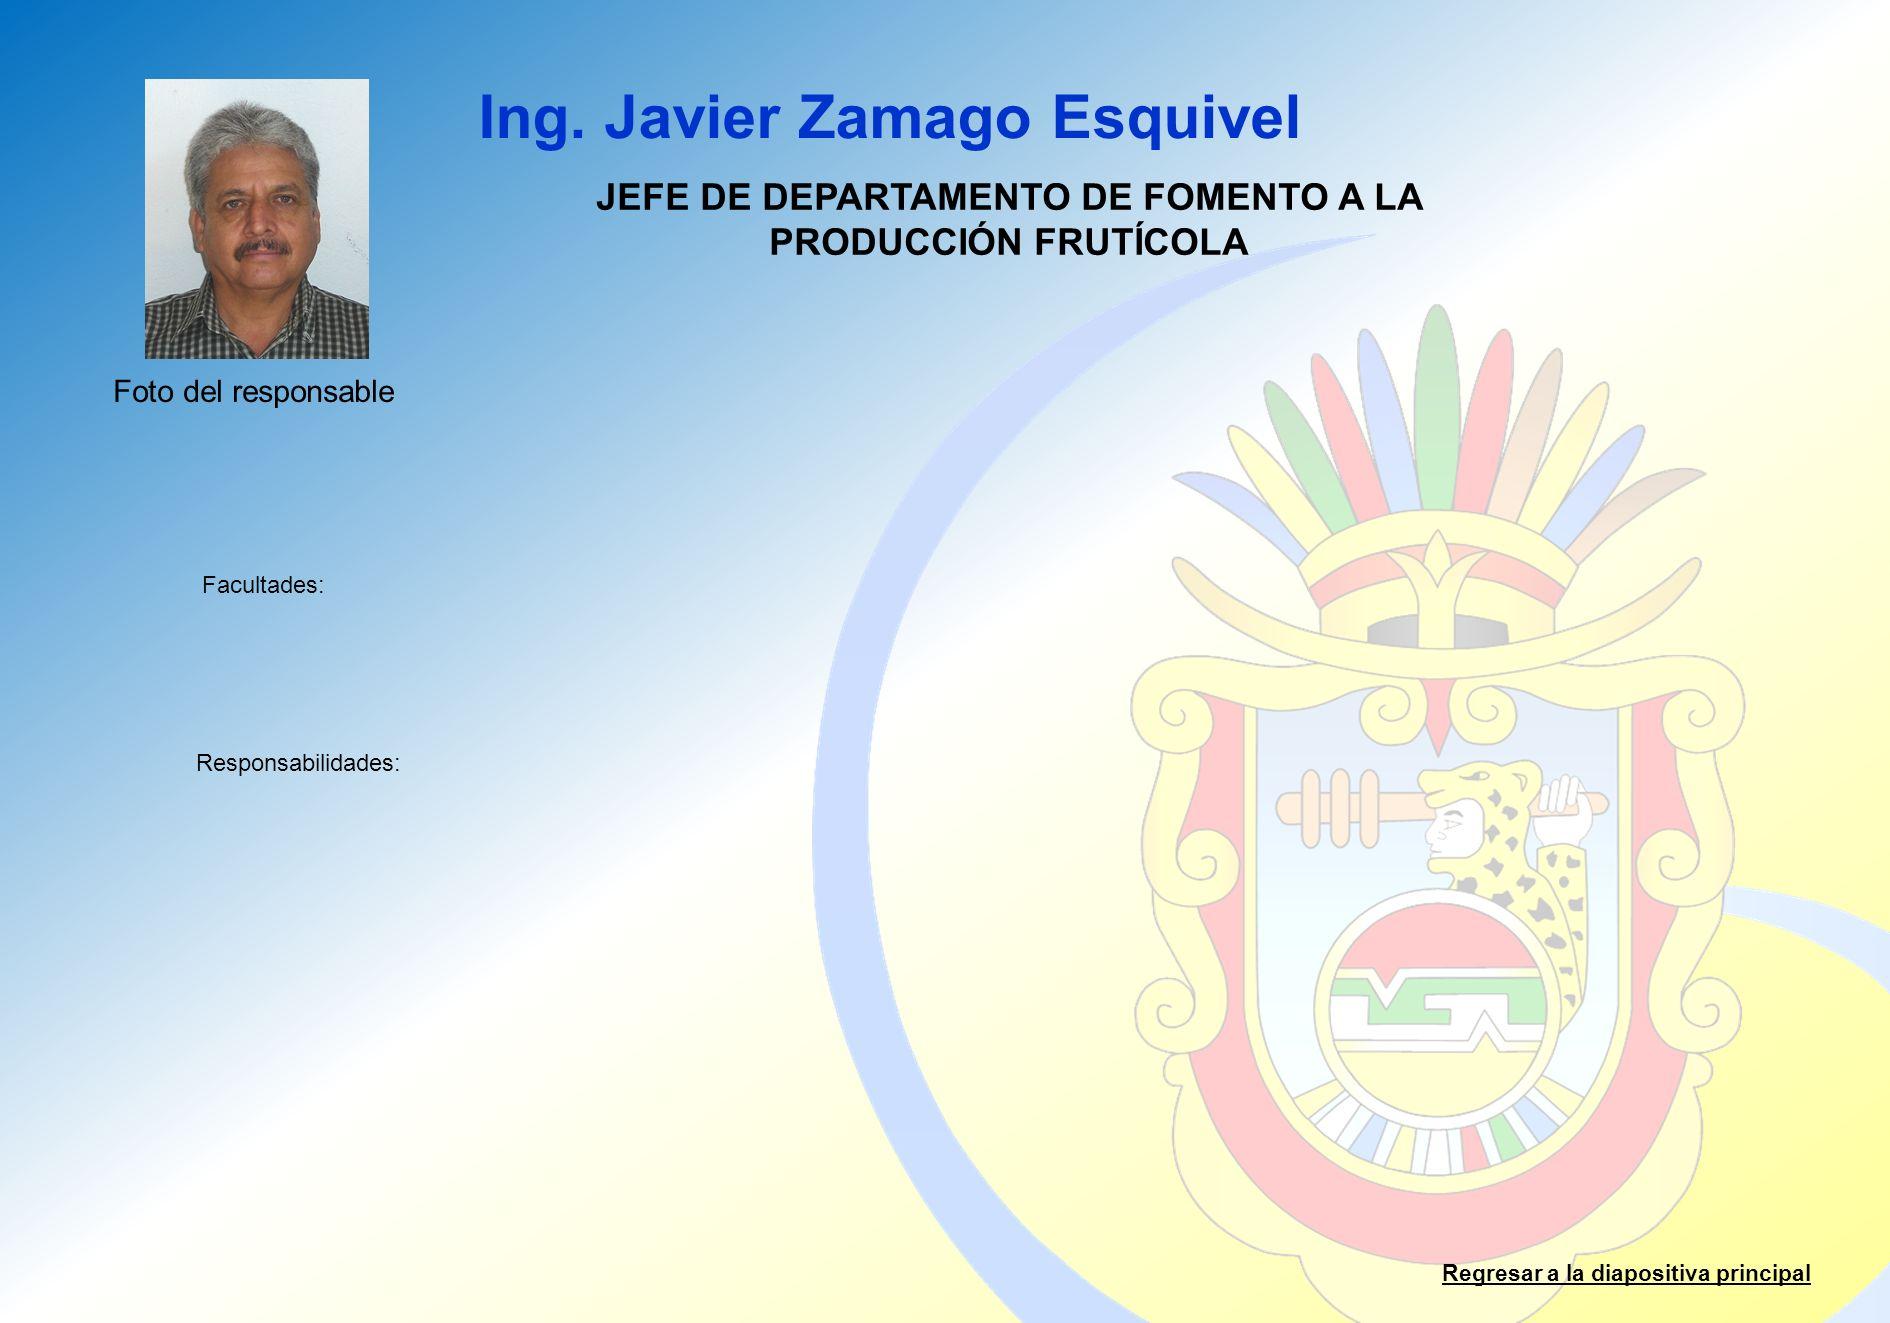 JEFE DE DEPARTAMENTO DE FOMENTO A LA PRODUCCIÓN FRUTÍCOLA